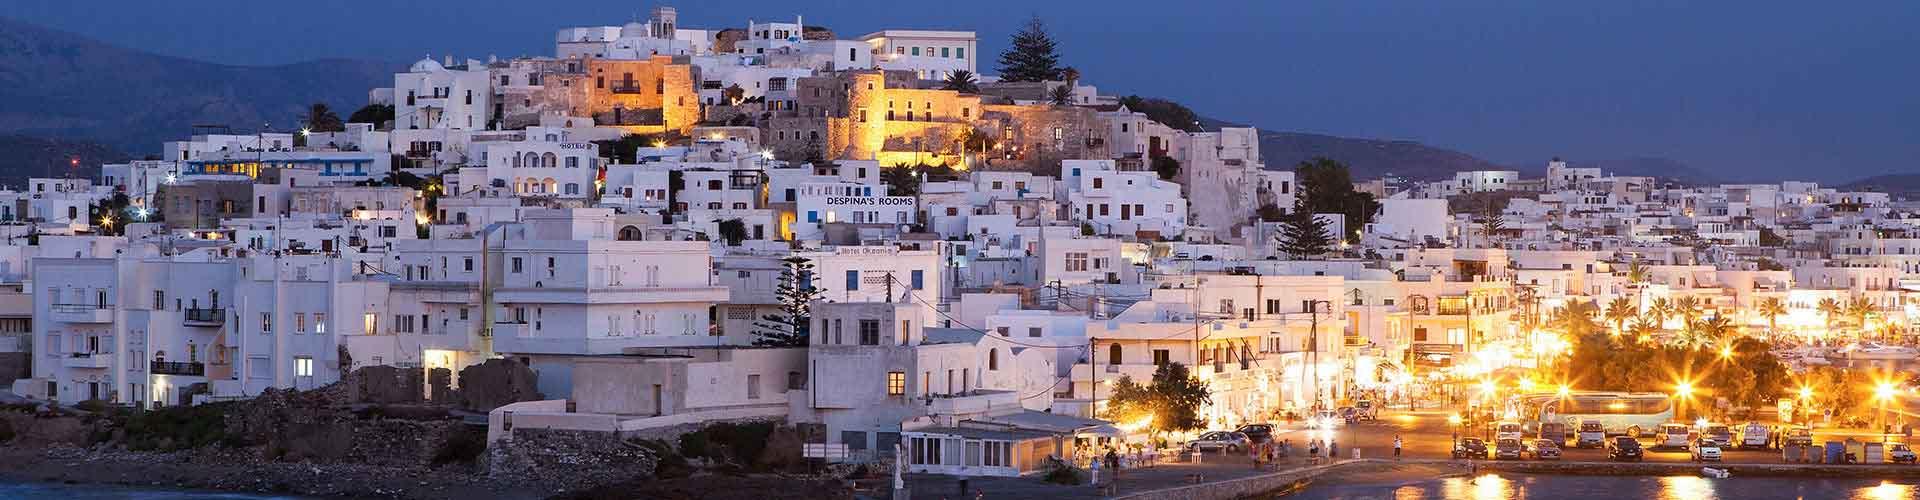 Île de Naxos - Hôtels à Île de Naxos. Cartes pour Île de Naxos, photos et commentaires pour chaque hôtel à Île de Naxos.